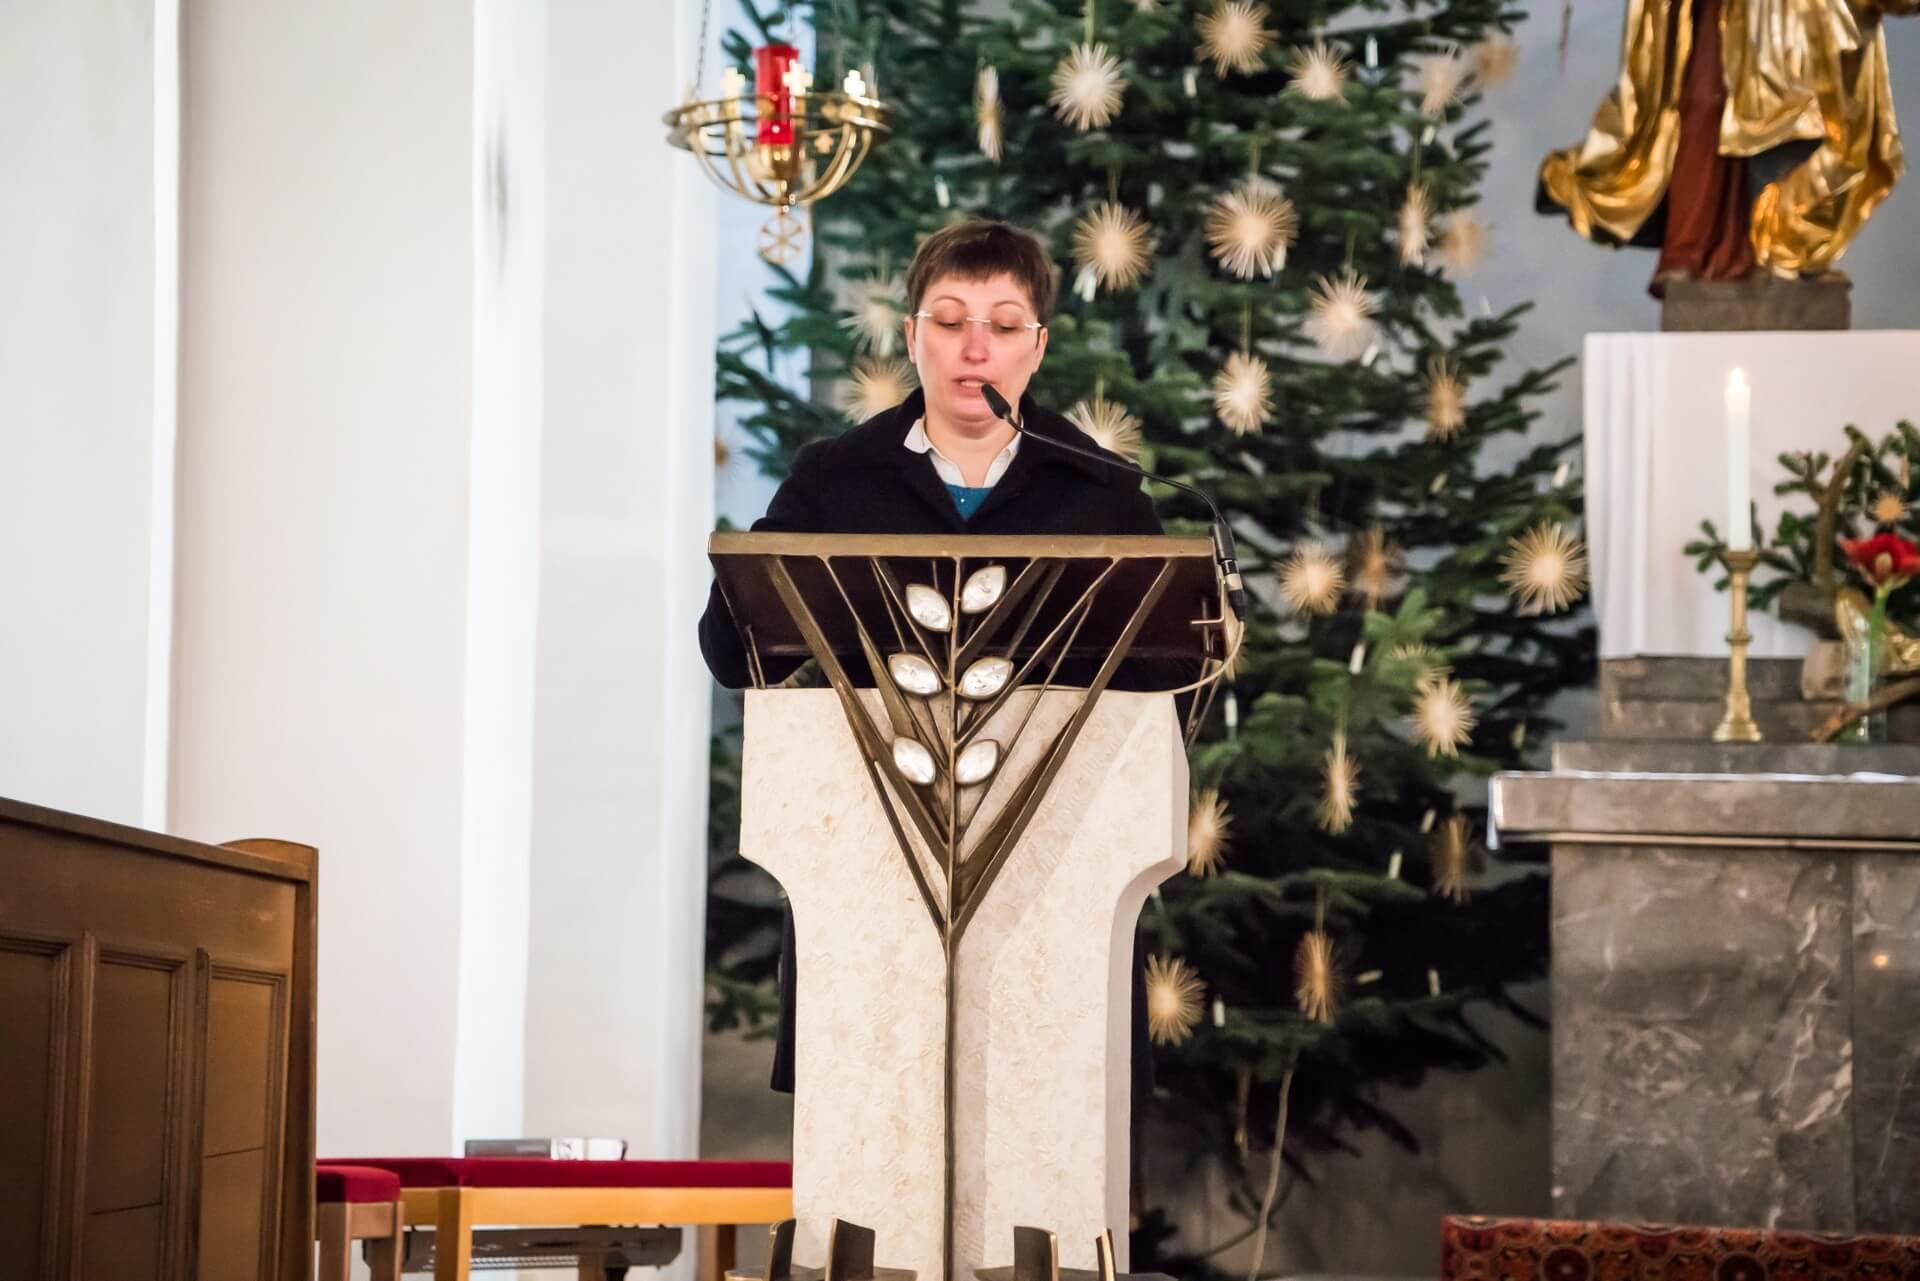 20181224-Kinderchristmette SF 2018 18_12_24_Weihnacht18_022